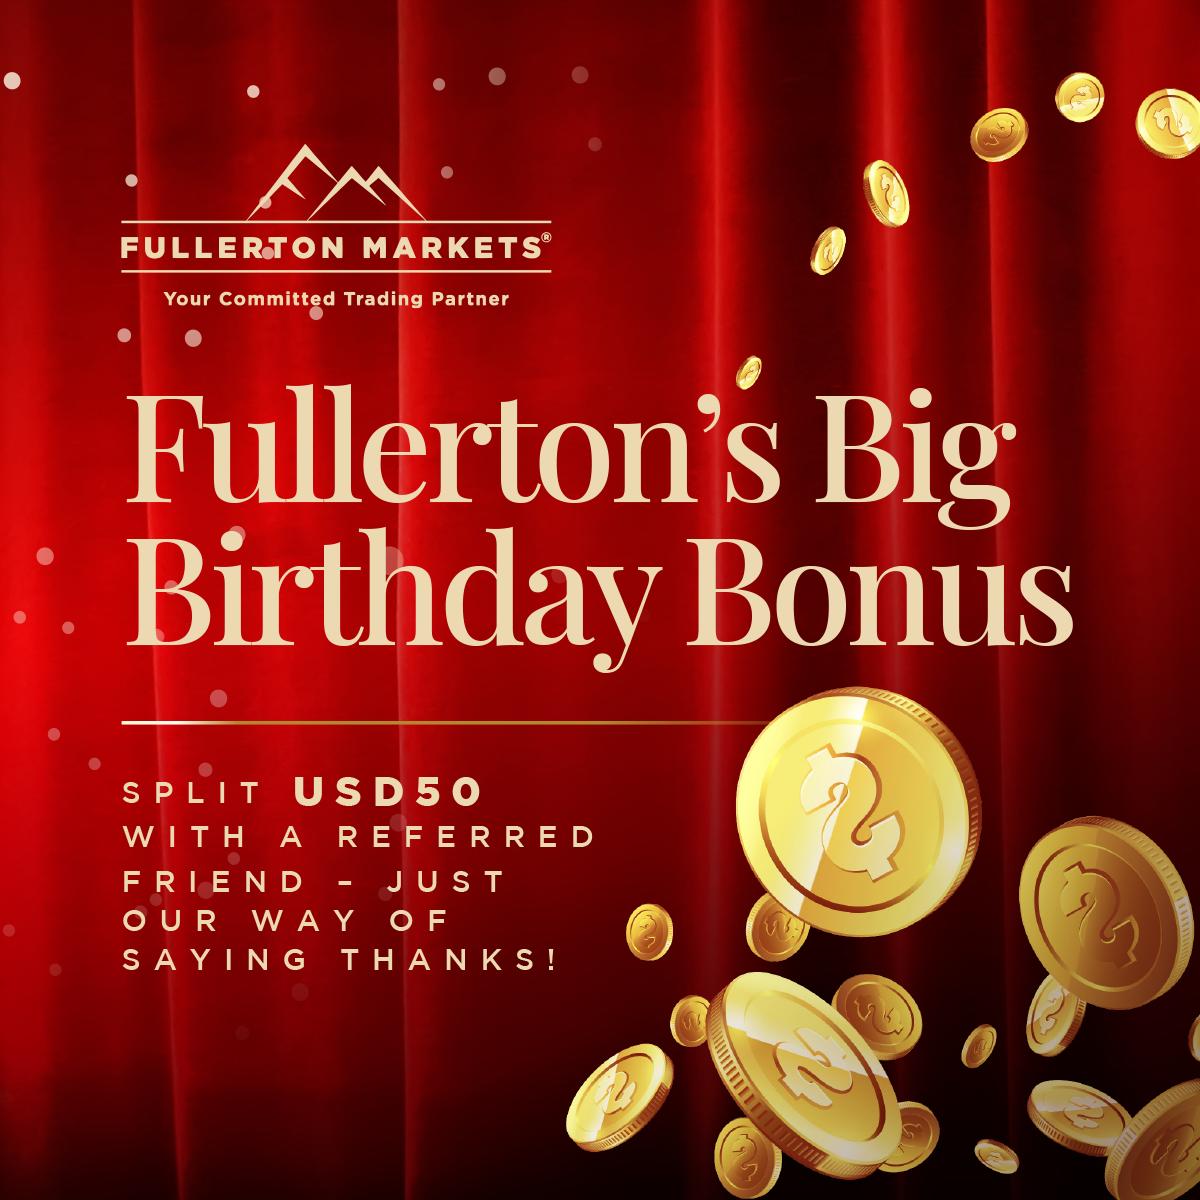 Fullerton's Big Birthday Bonus!